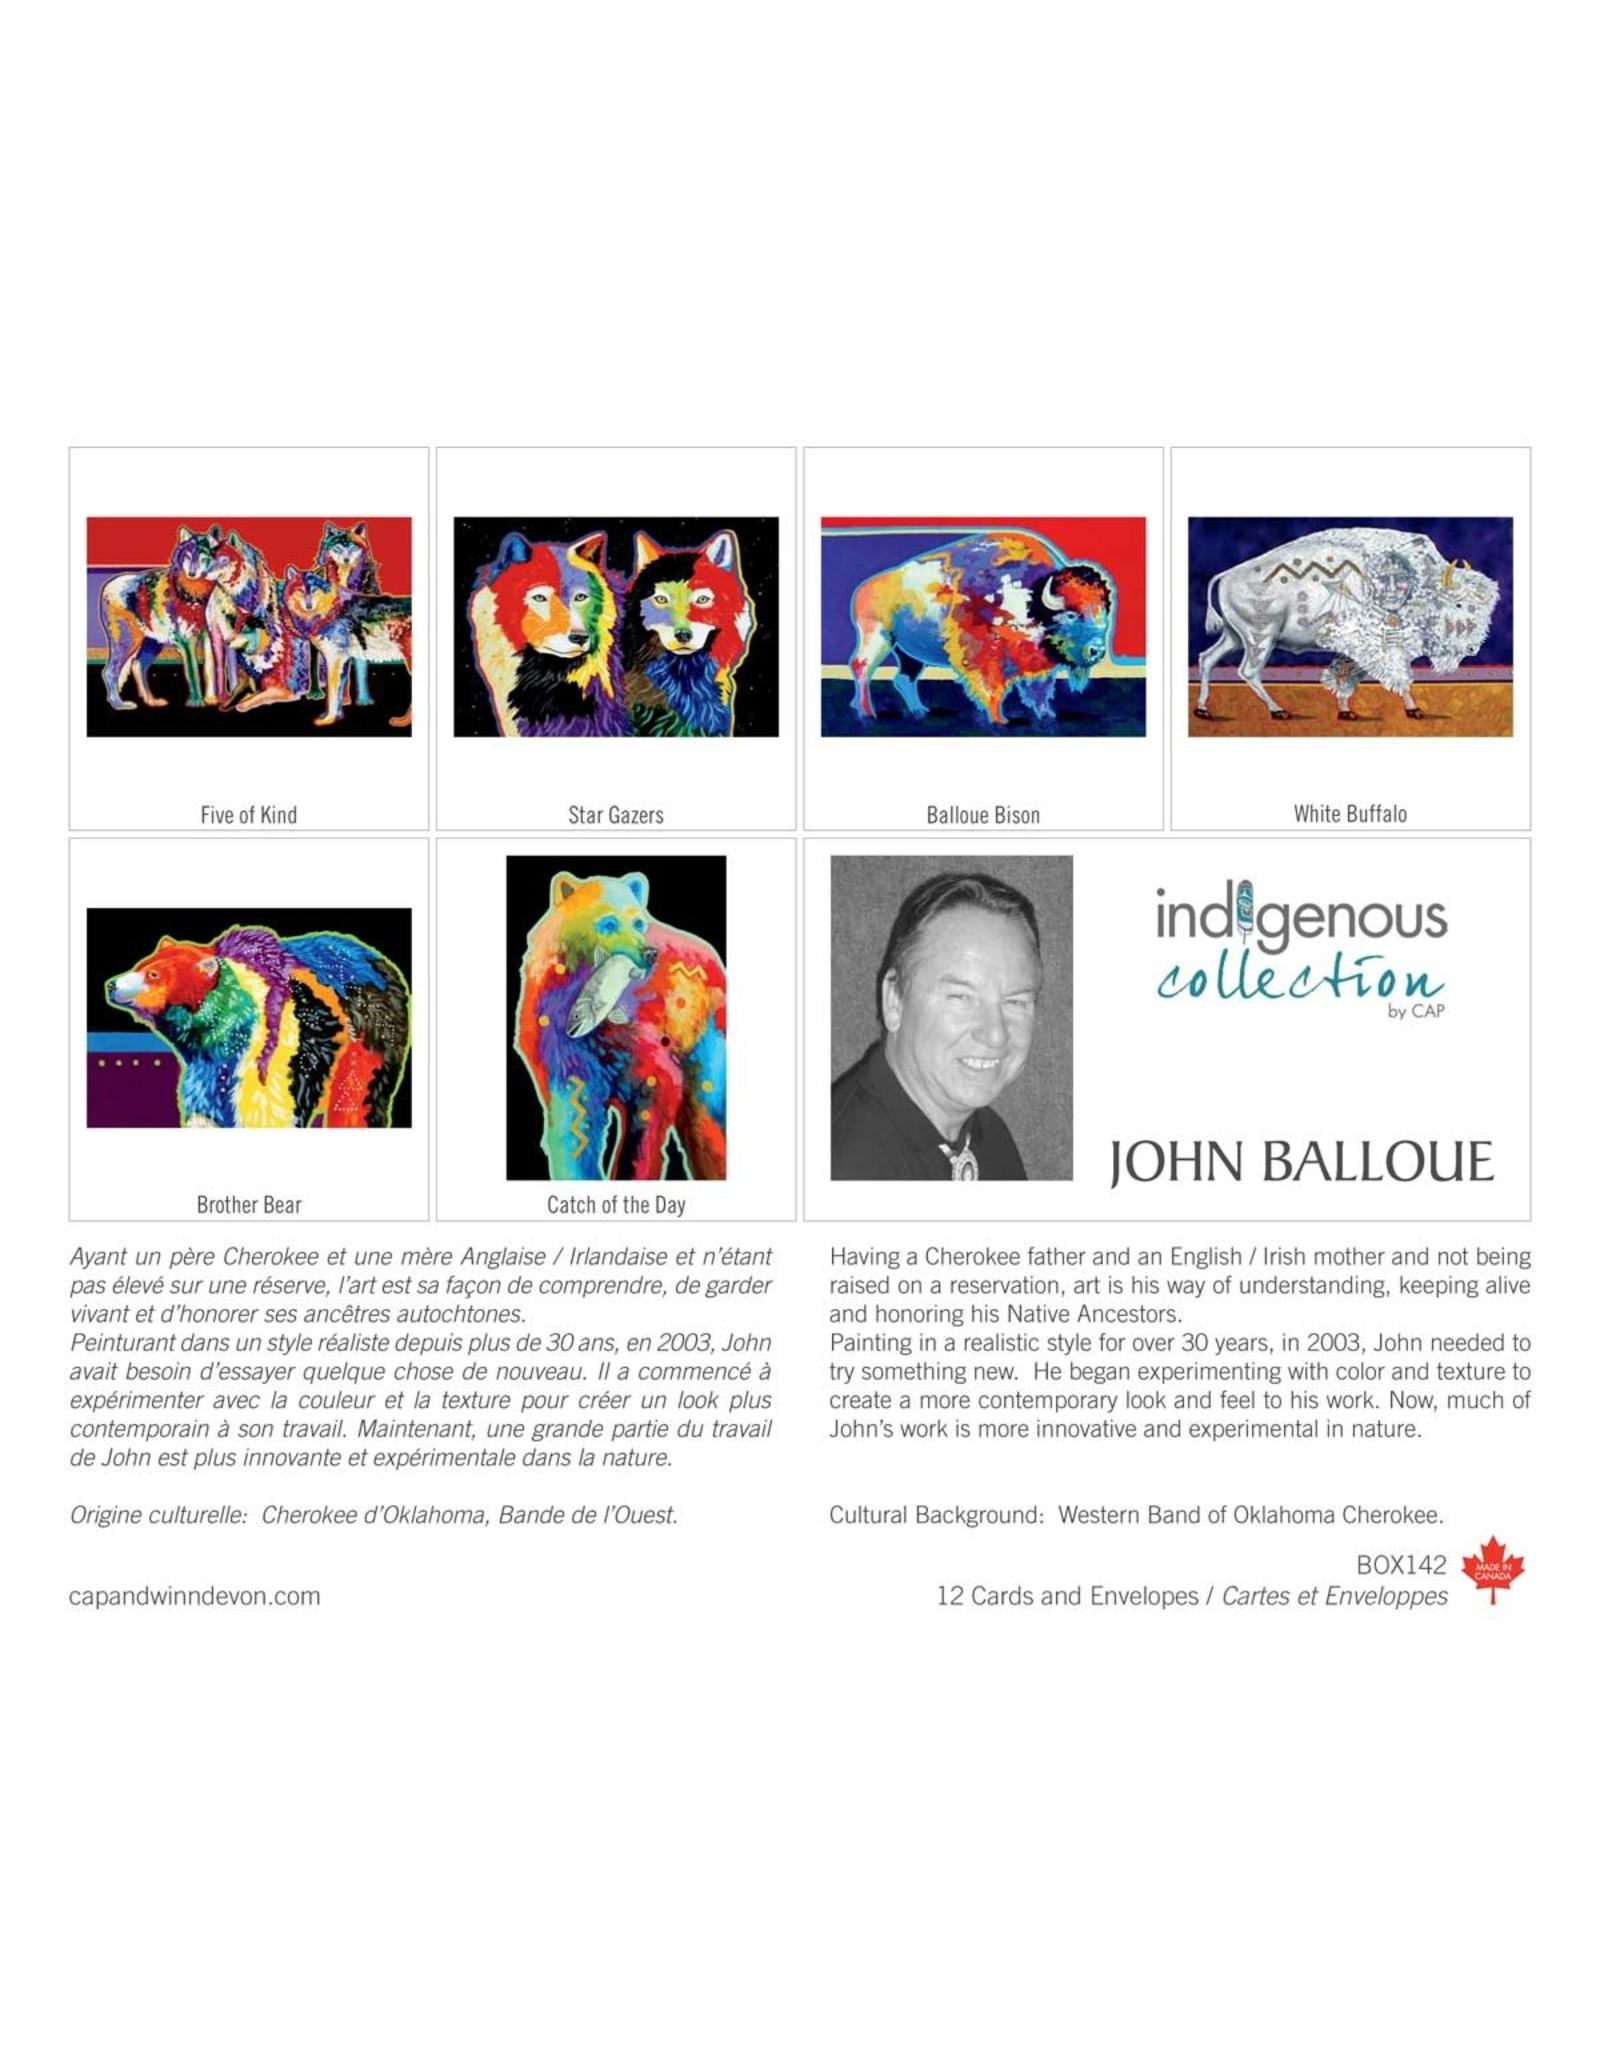 Boîte de 12 Cartes John Balloue - Boîte 142